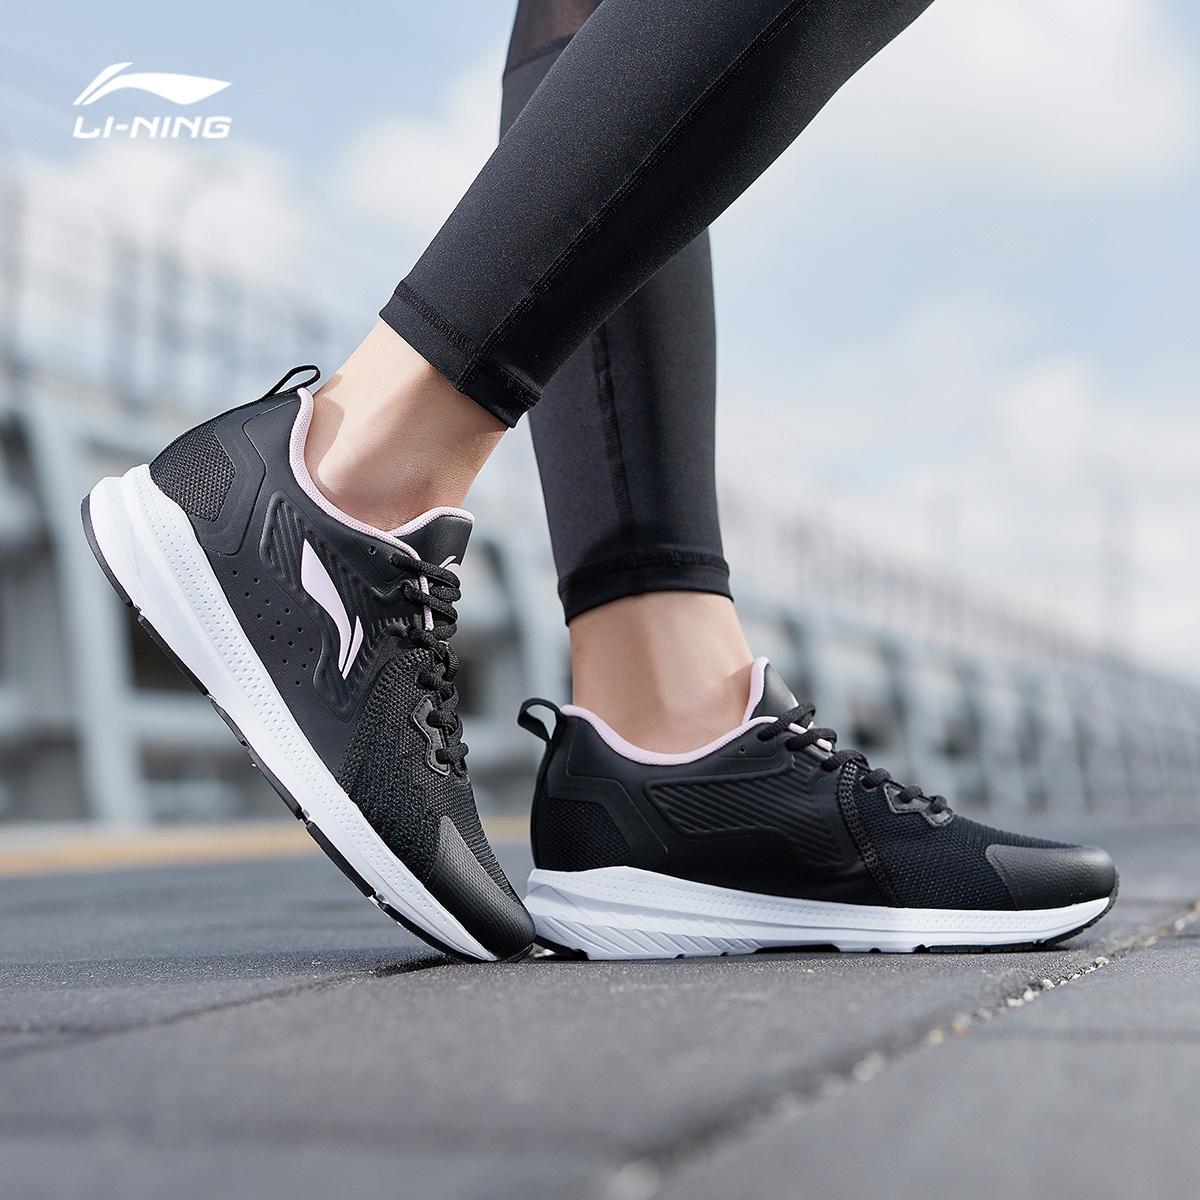 李宁跑步鞋女鞋2019新款跑鞋鞋子女士低帮运动鞋ARBP114